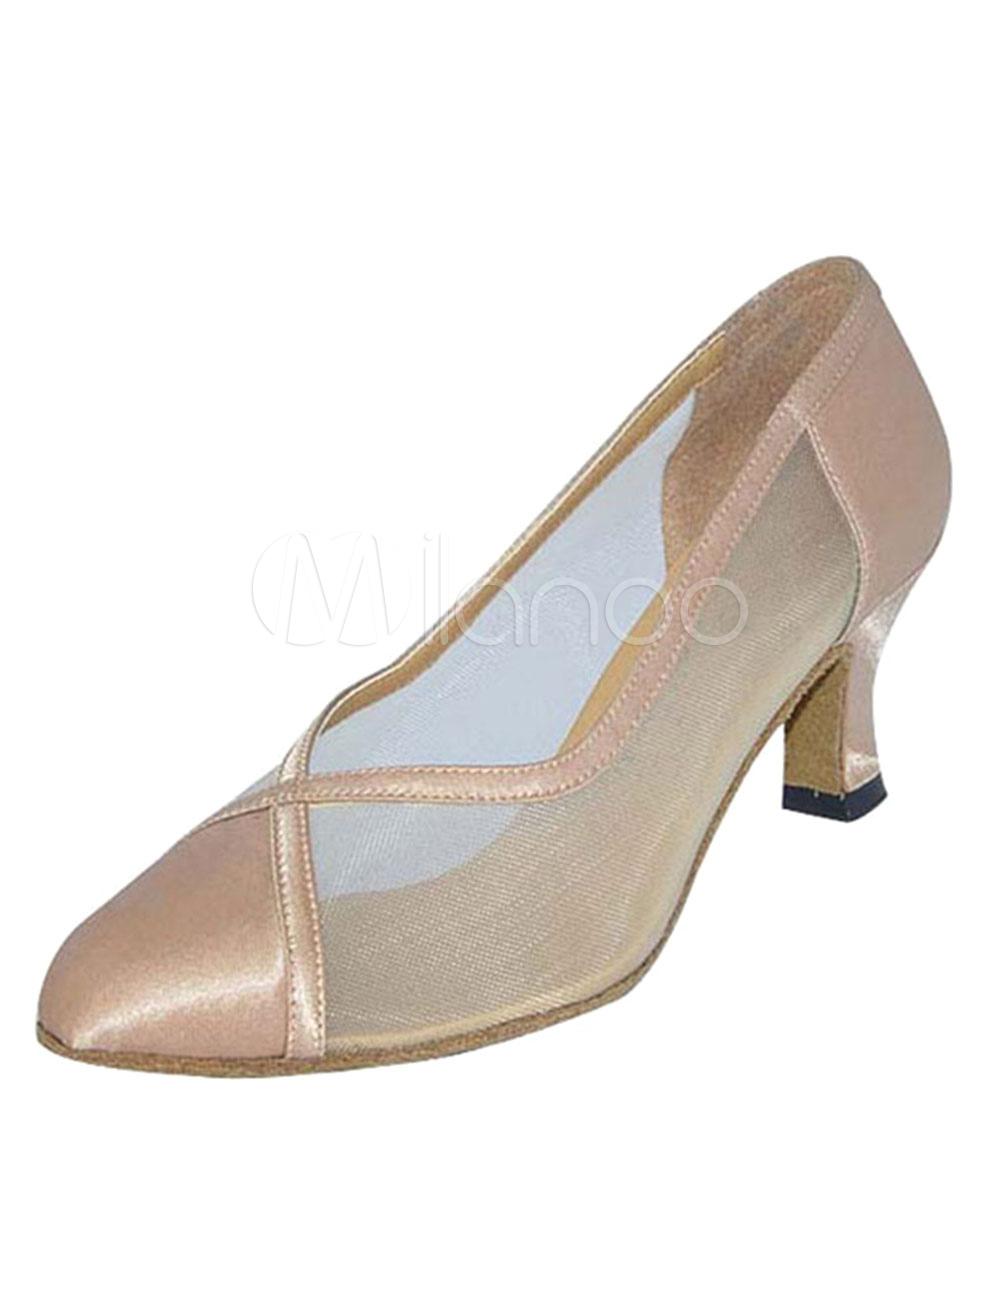 Zapatos de bailes latinos Tacón bobina para baile de puntera puntiaguada 4Kl1PO2Id